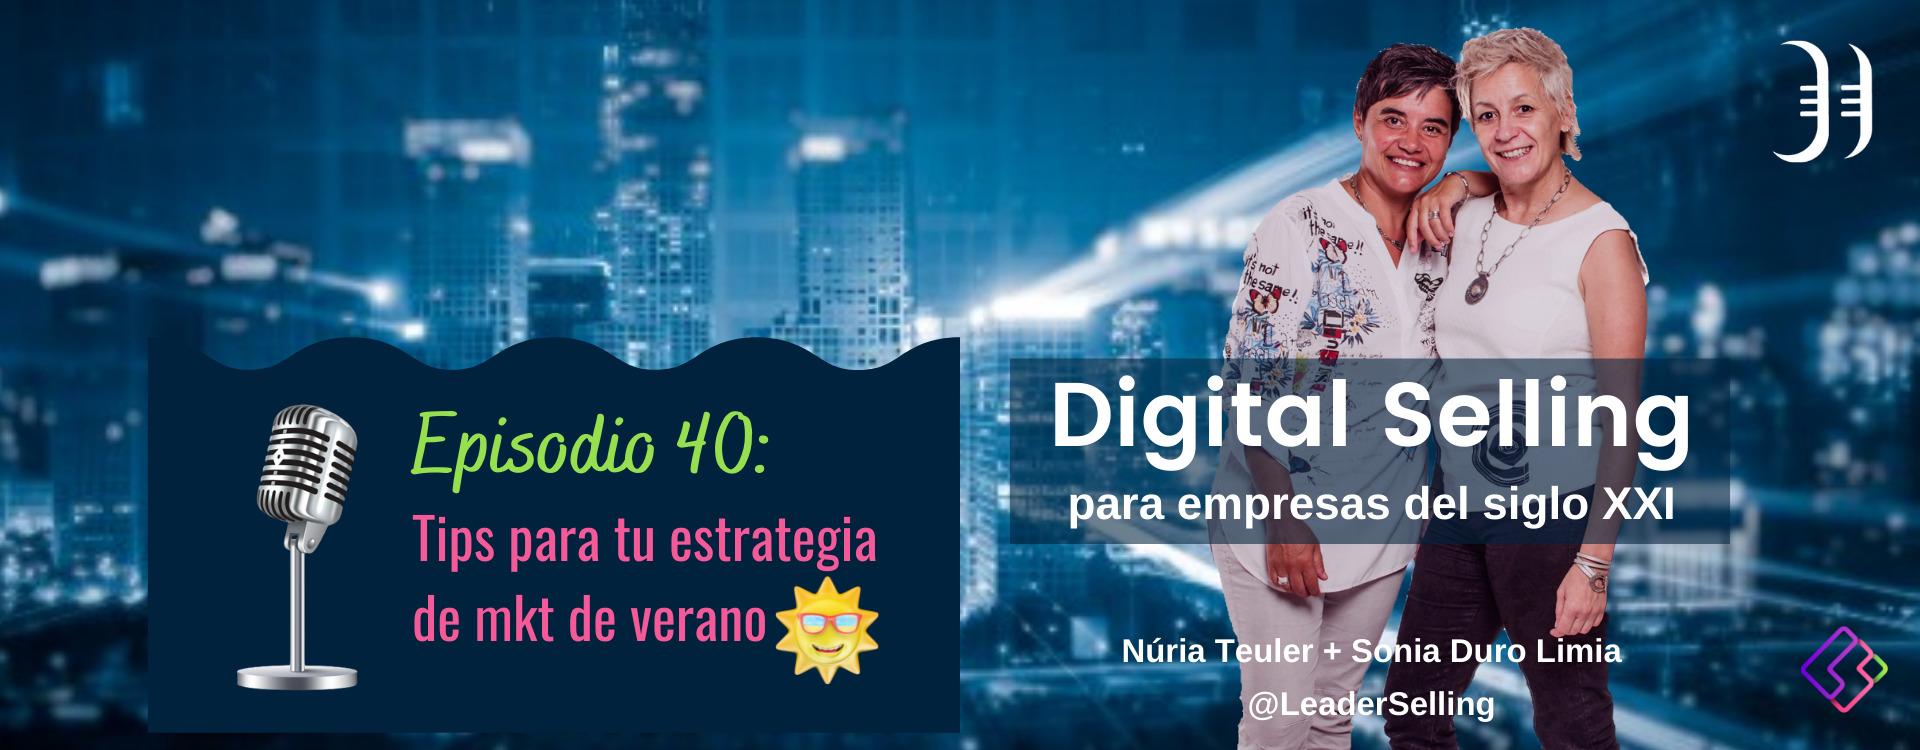 Episodio 40. TIPS para tu estrategia de marketing digital en verano